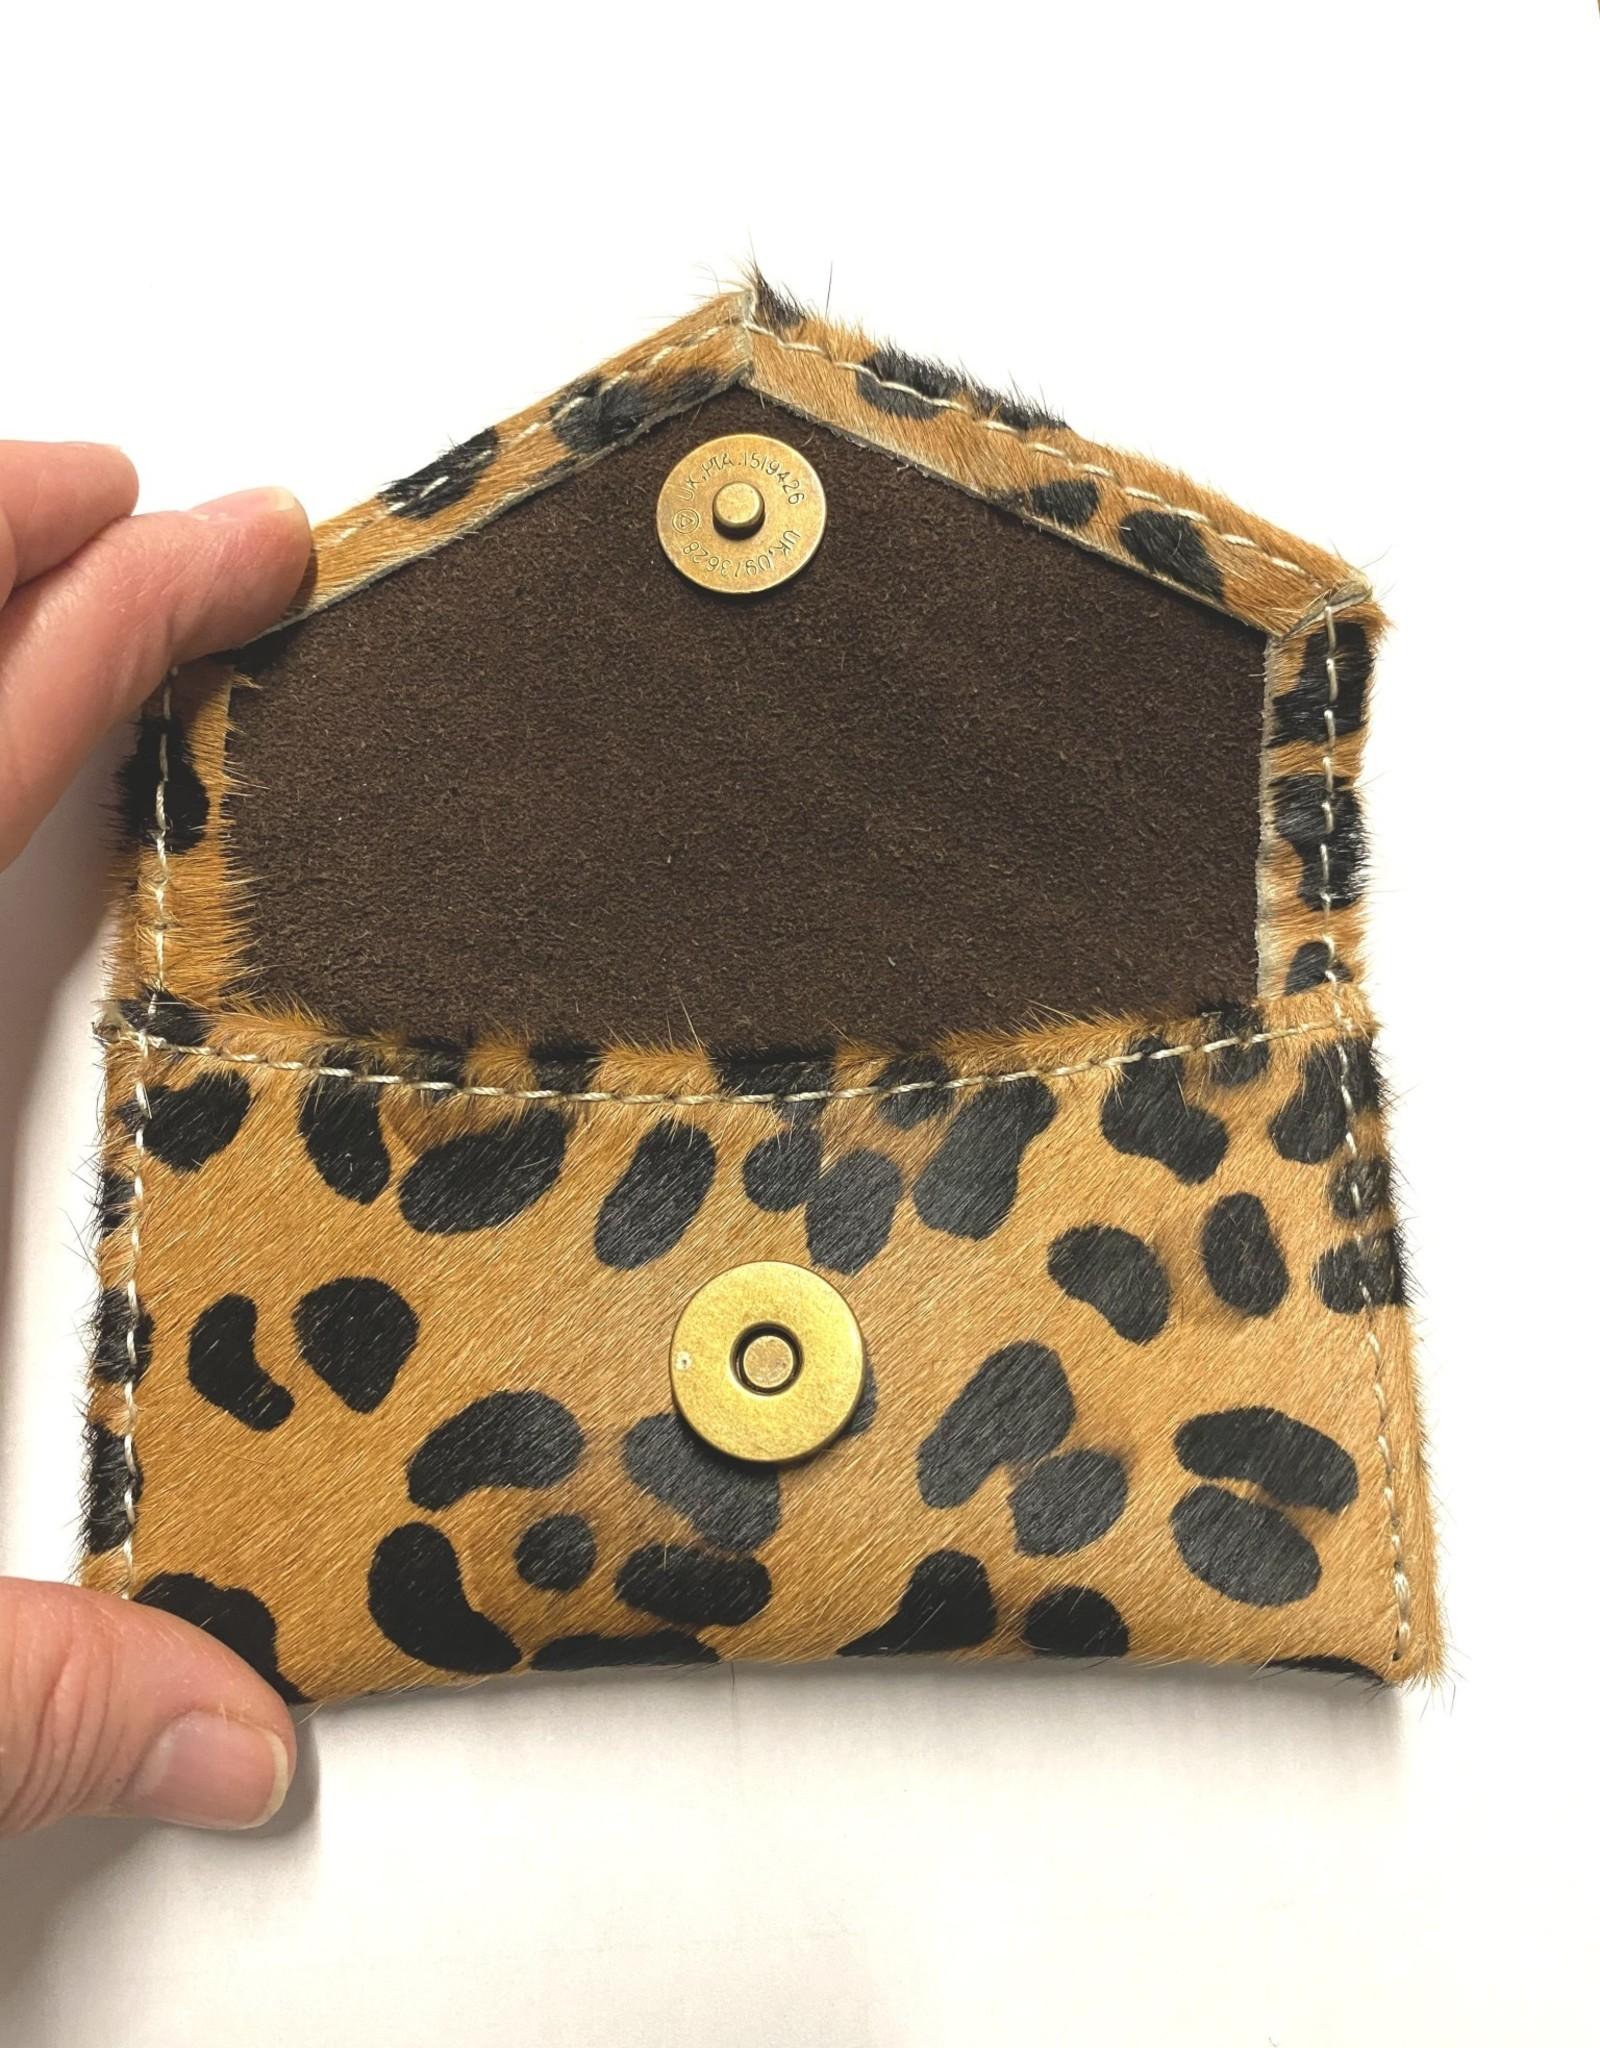 WALLET COIN CARD LEATHER HAIR CHEETAH PURSE